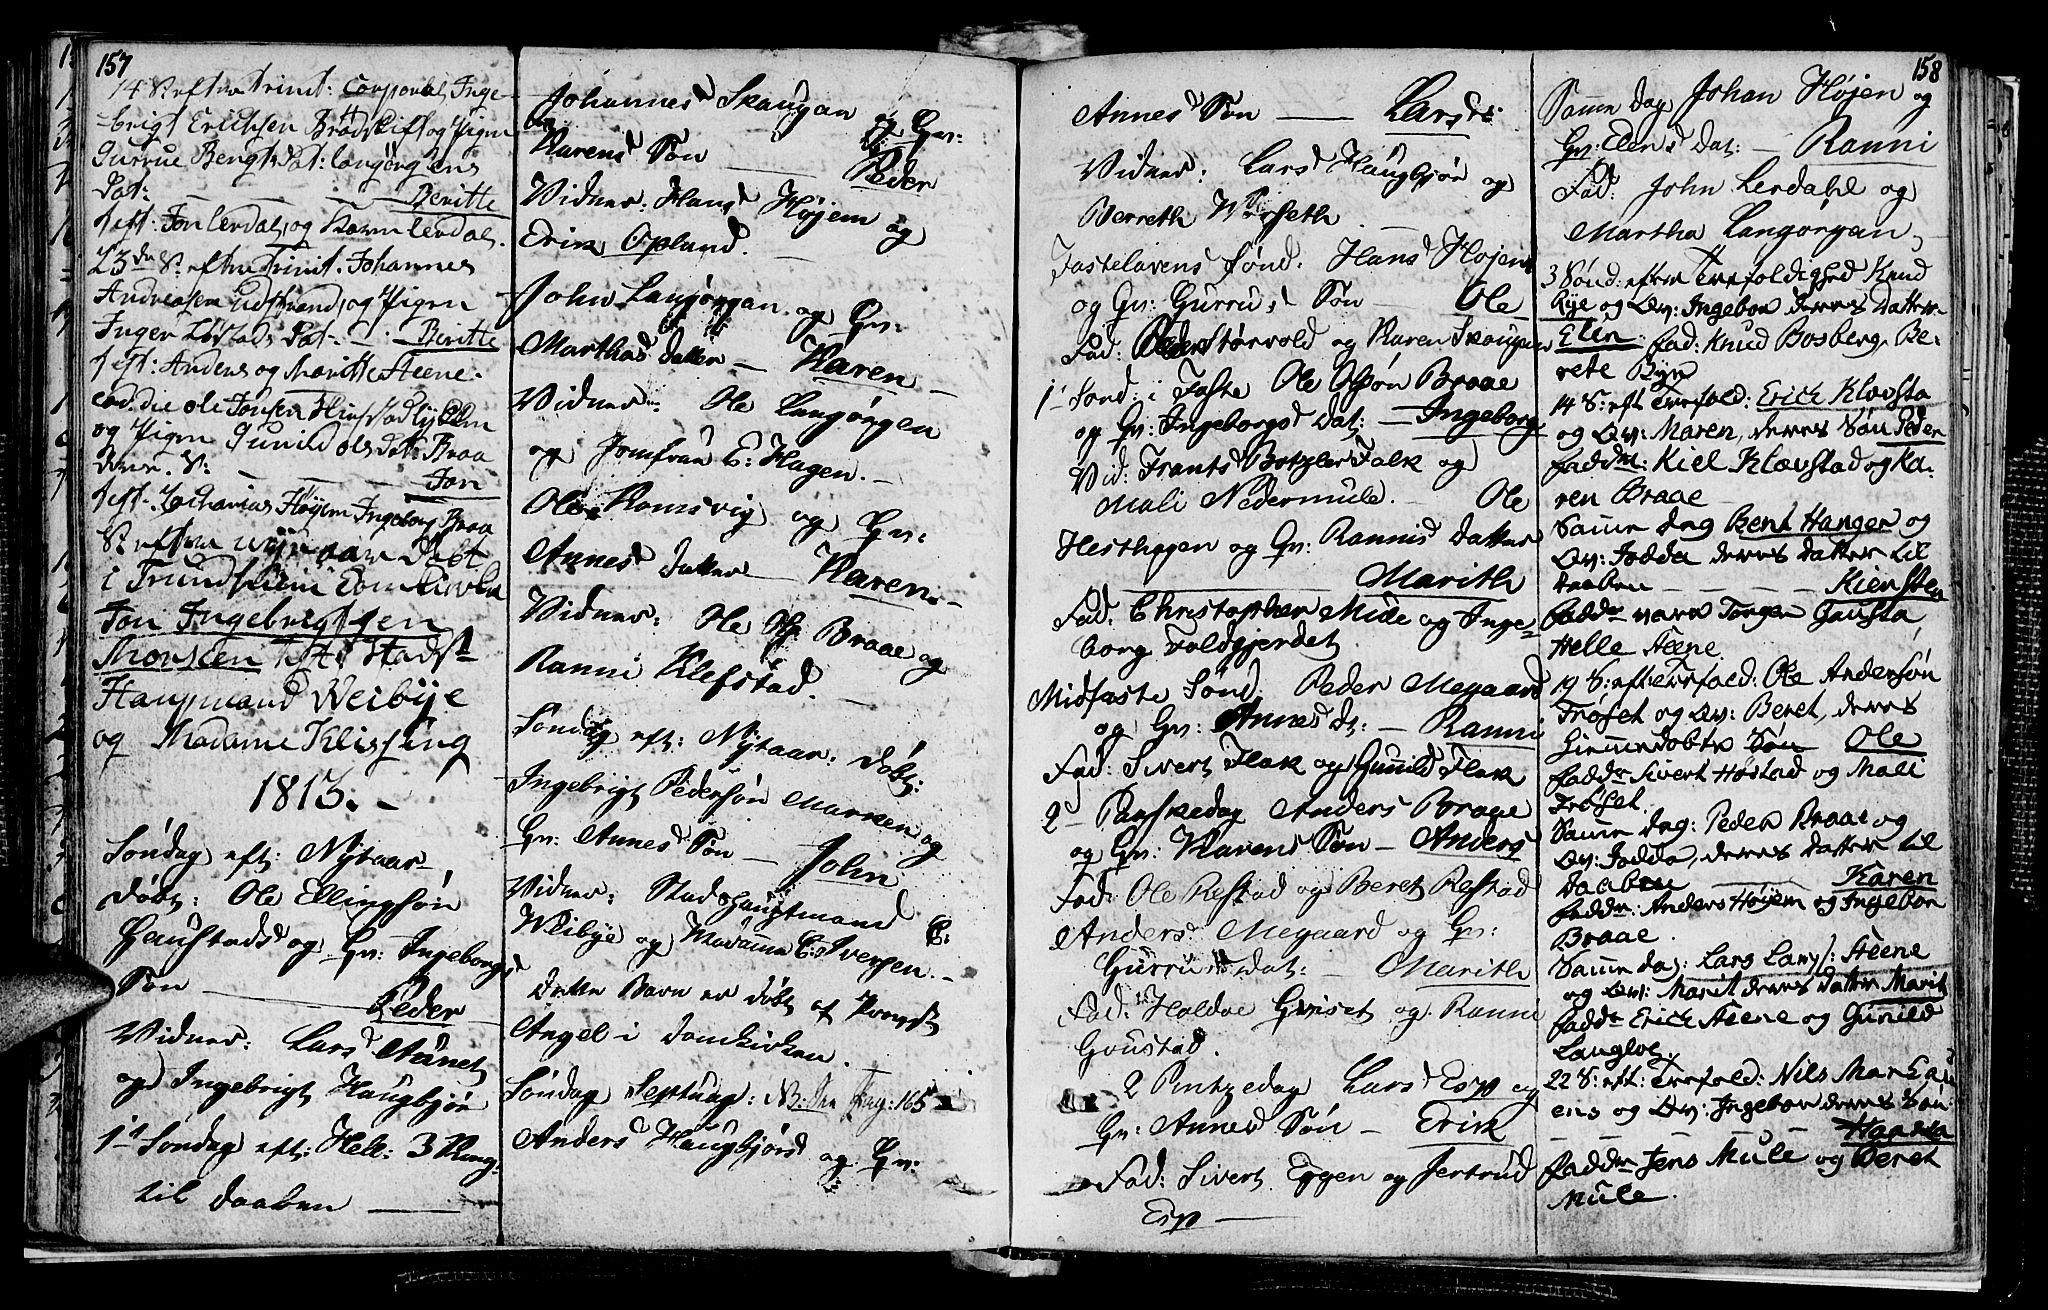 SAT, Ministerialprotokoller, klokkerbøker og fødselsregistre - Sør-Trøndelag, 612/L0371: Ministerialbok nr. 612A05, 1803-1816, s. 157-158